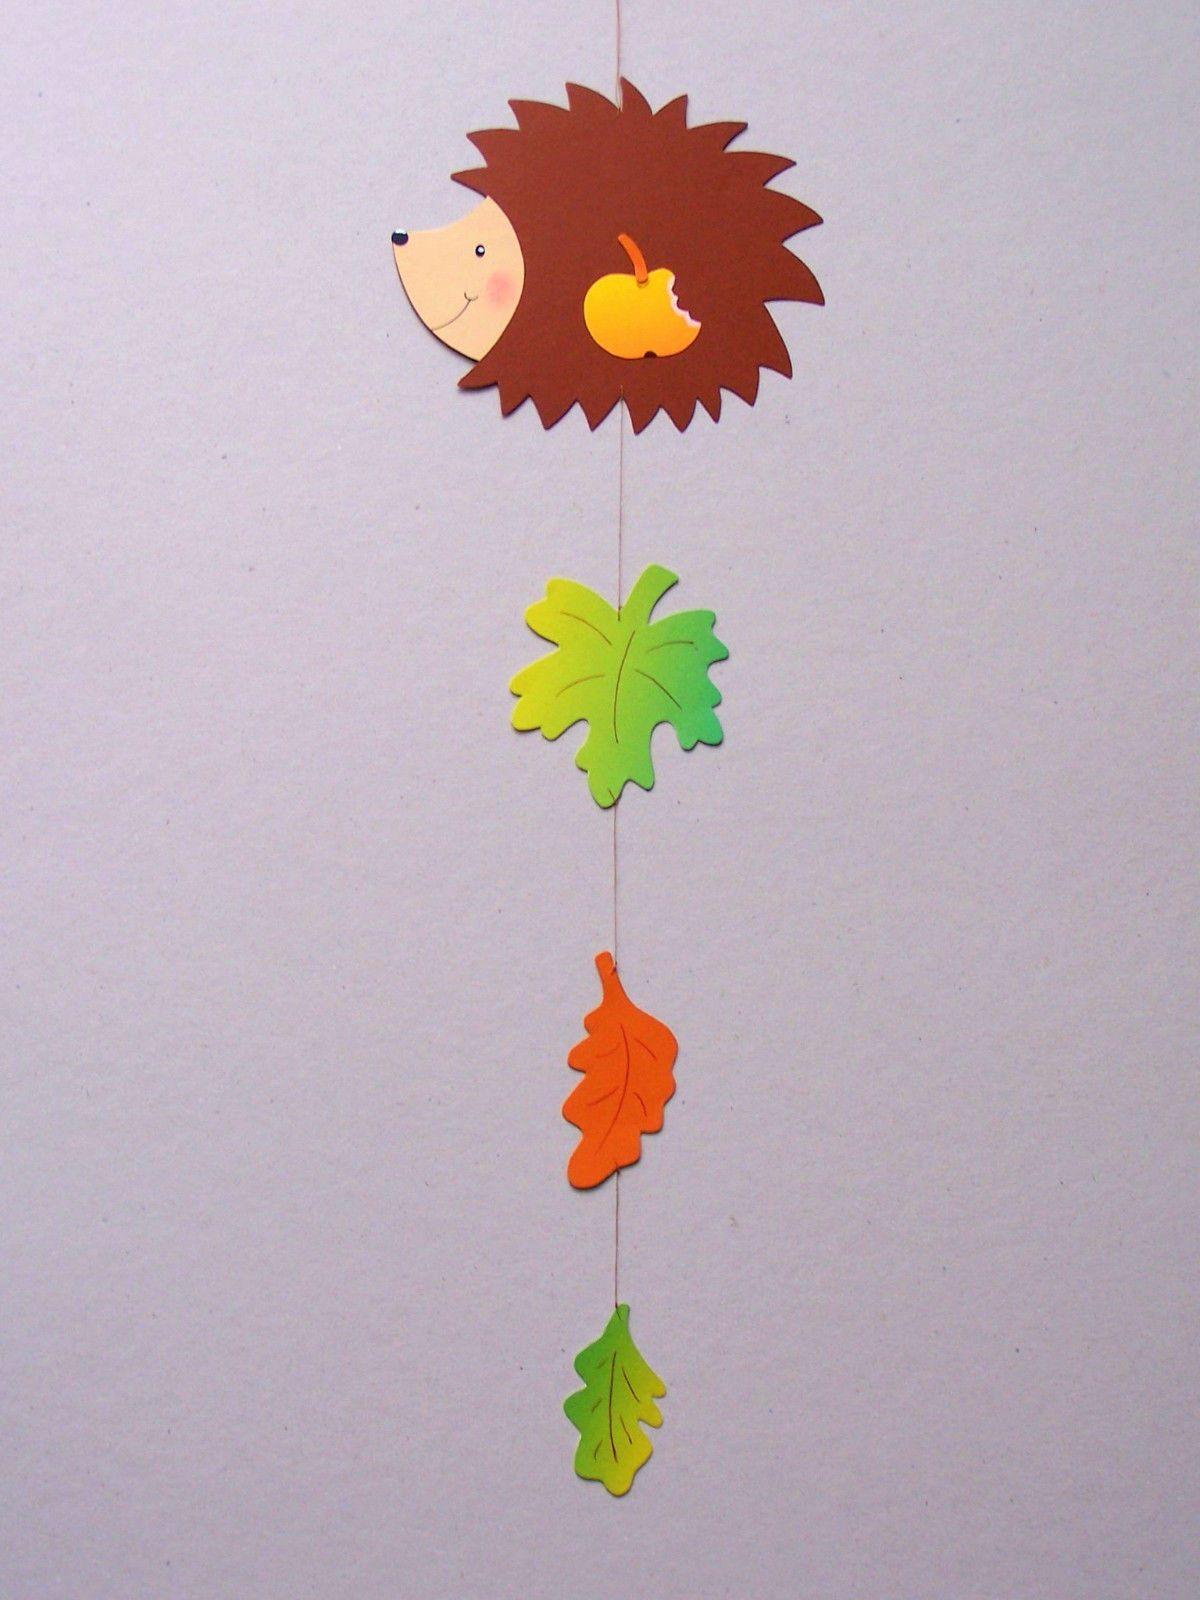 Fensterbild/Kette Igel Blätter Herbst Deko 49 cm - Tonkarton basteln FOR SALE • EUR 1,99 • See Photos! Money Back Guarantee. Sie ersteigern hier eine Fensterkette  Igel / Blätter . Habe sie in liebevoller Handarbeit selbst gebastelt. ... niedliche Fenster-Deko für den Herbst ... Länge: ca. 49 cm Material: Tonkarton 302462597995 #fensterdekoherbst